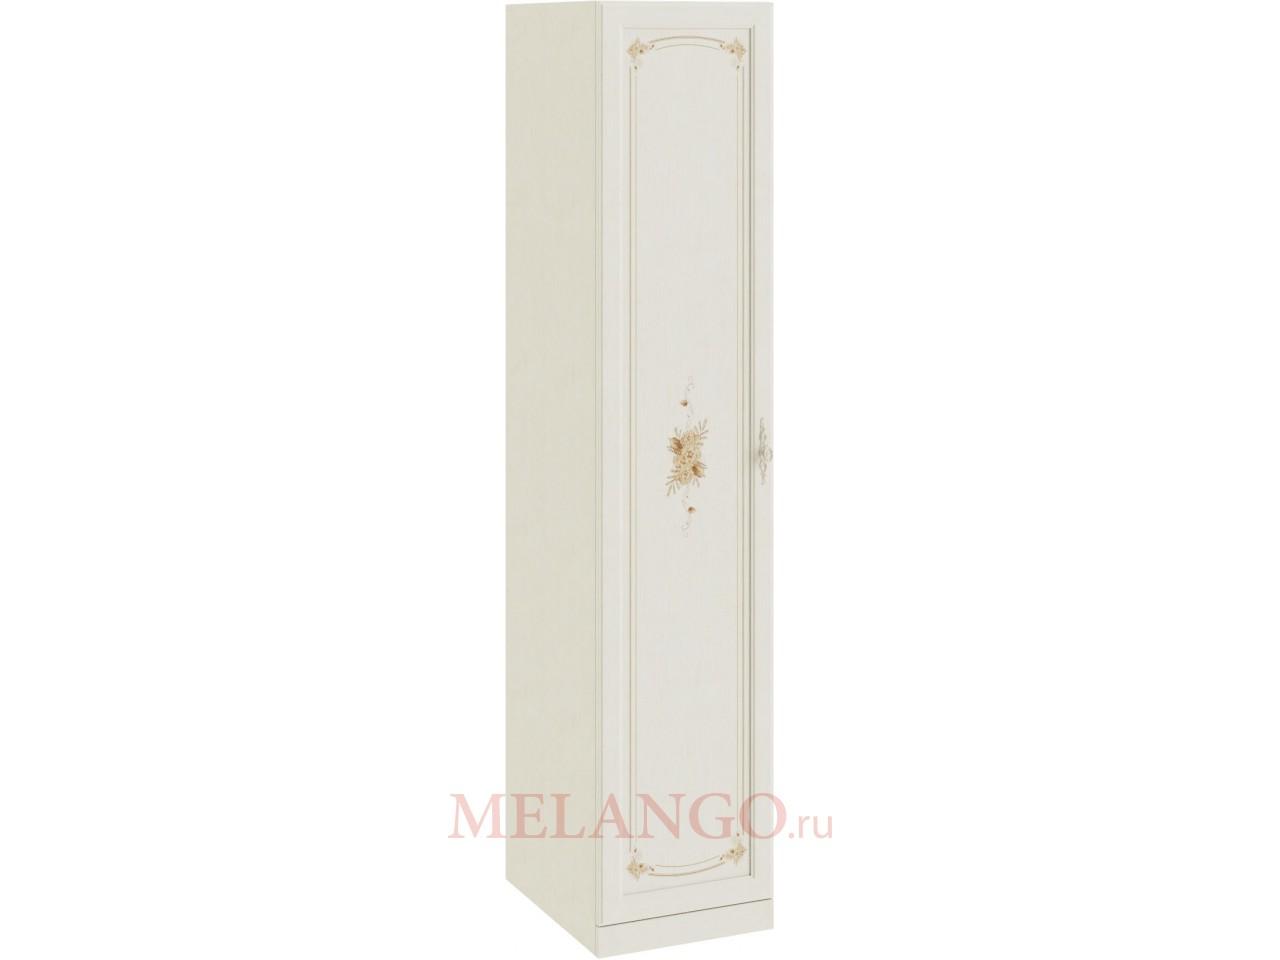 Шкаф для белья с 1-ой дверью «Лючия» (Штрихлак) СМ-235.07.01